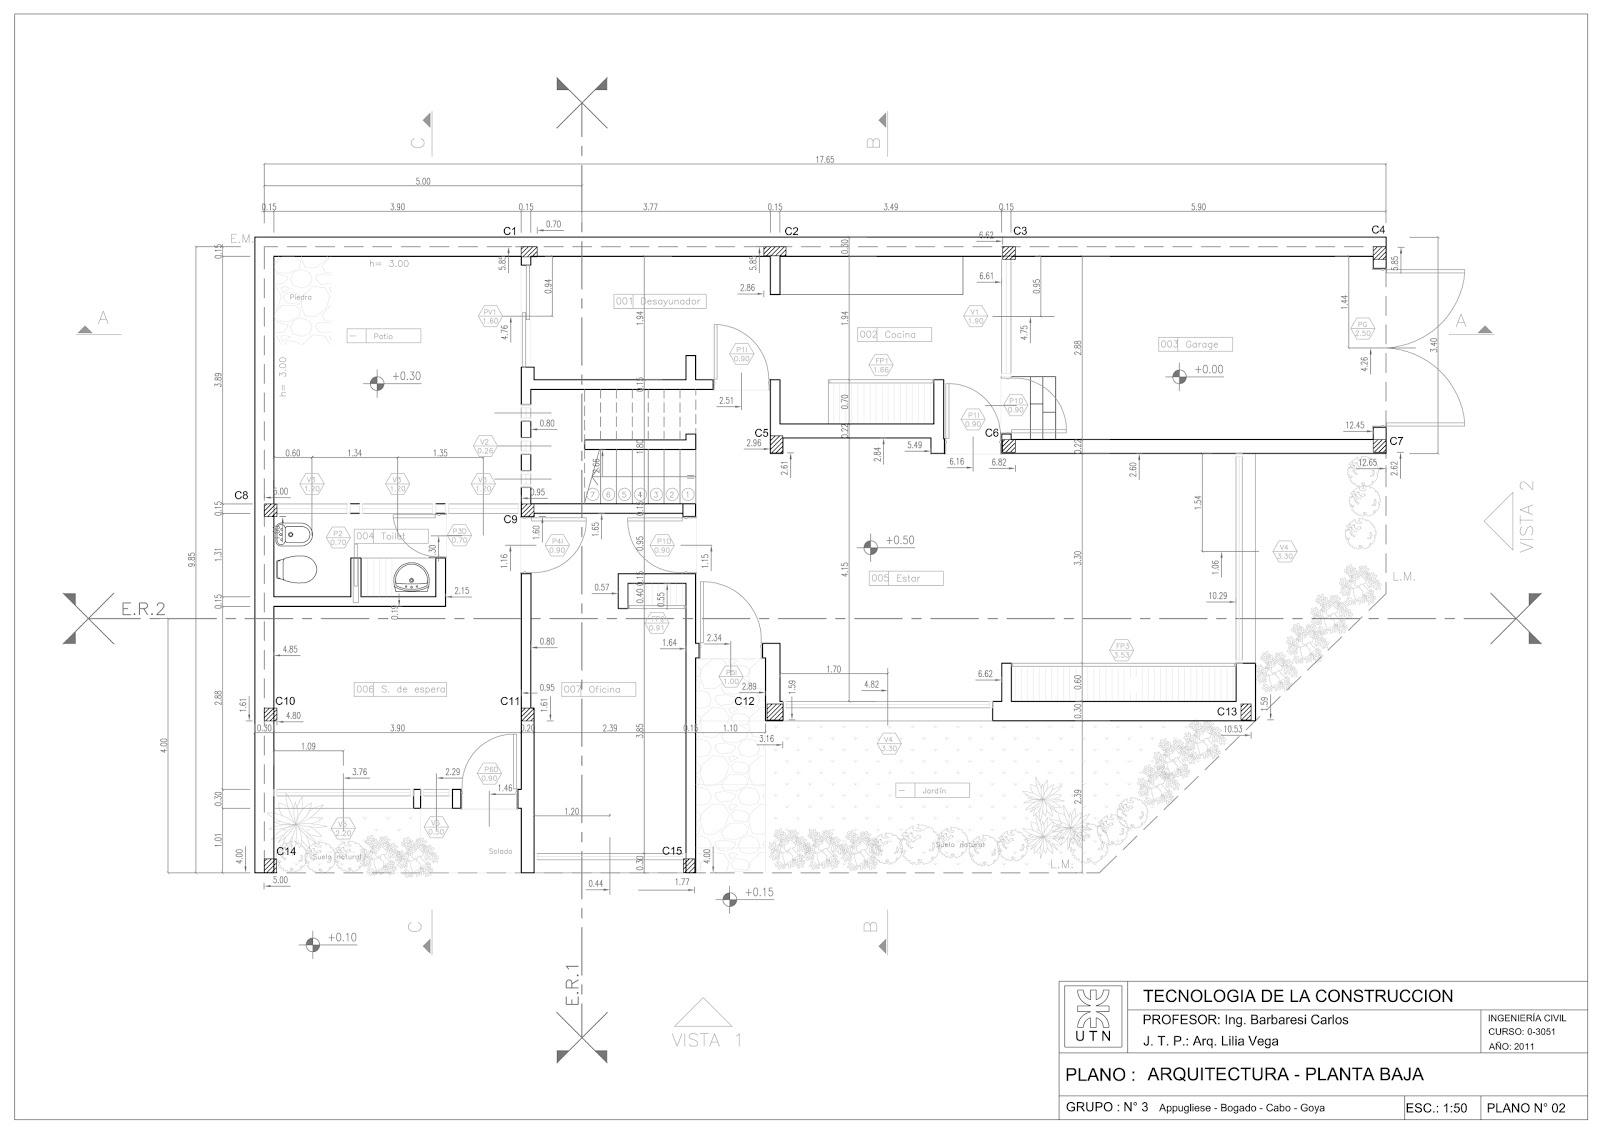 Detalles constructivos cad plano replanteo arquitectura y for Planos de estructuras